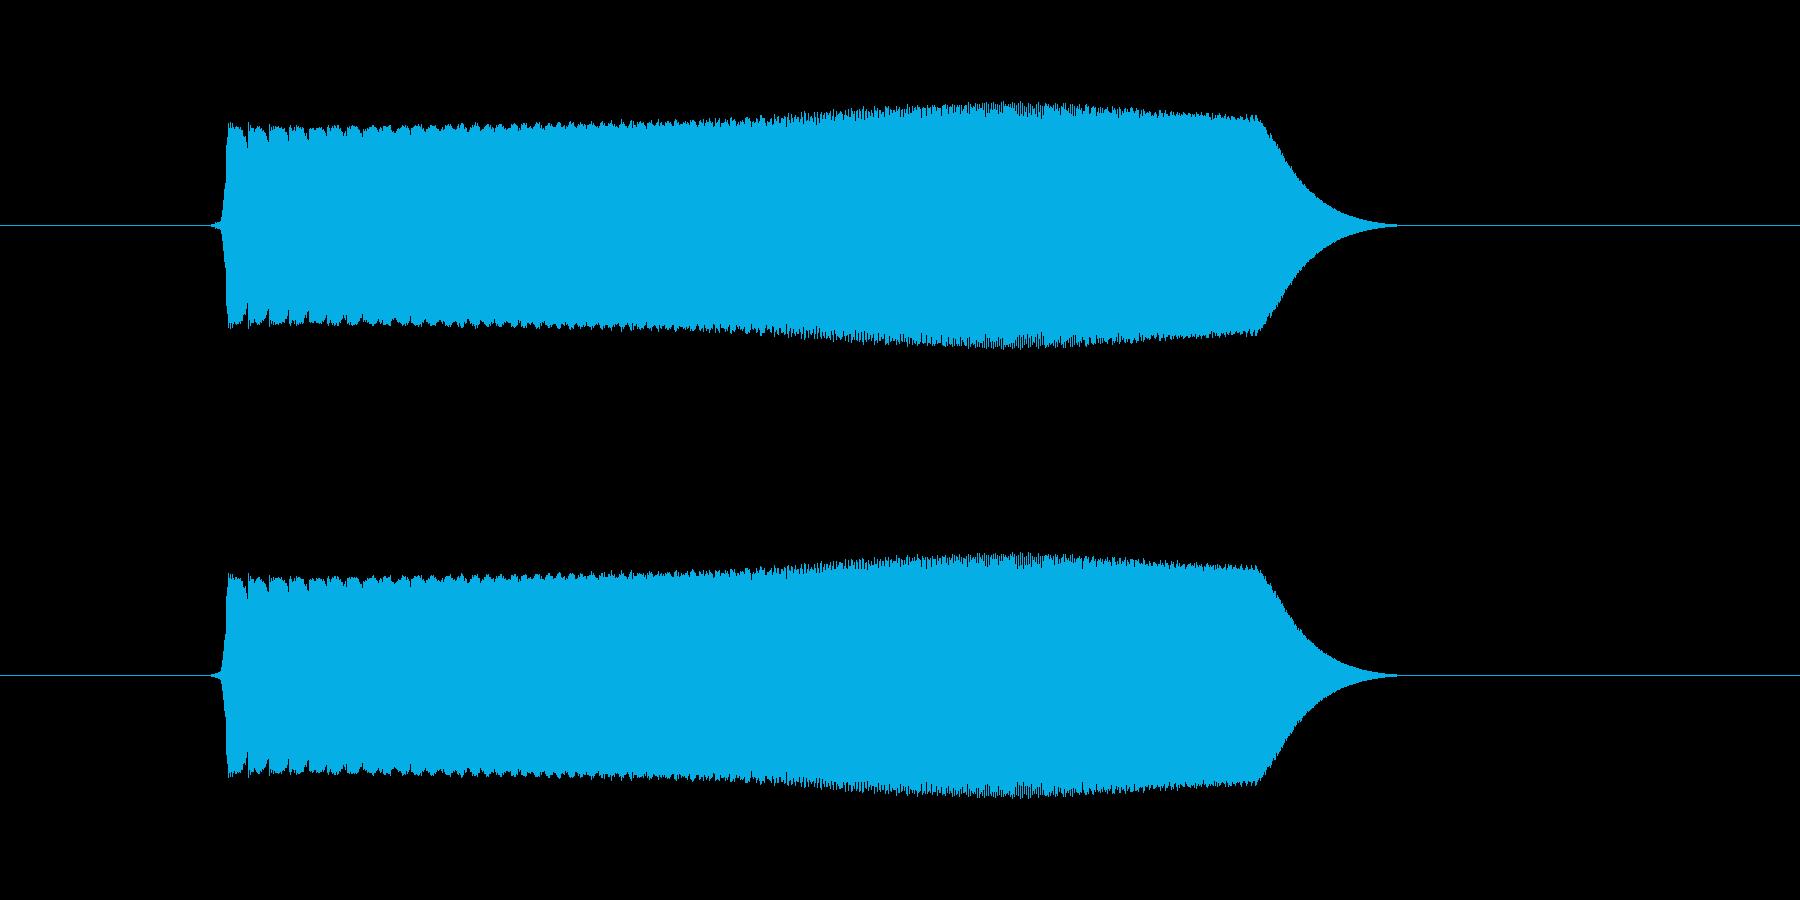 ビョイーン ロケットが飛ぶの再生済みの波形